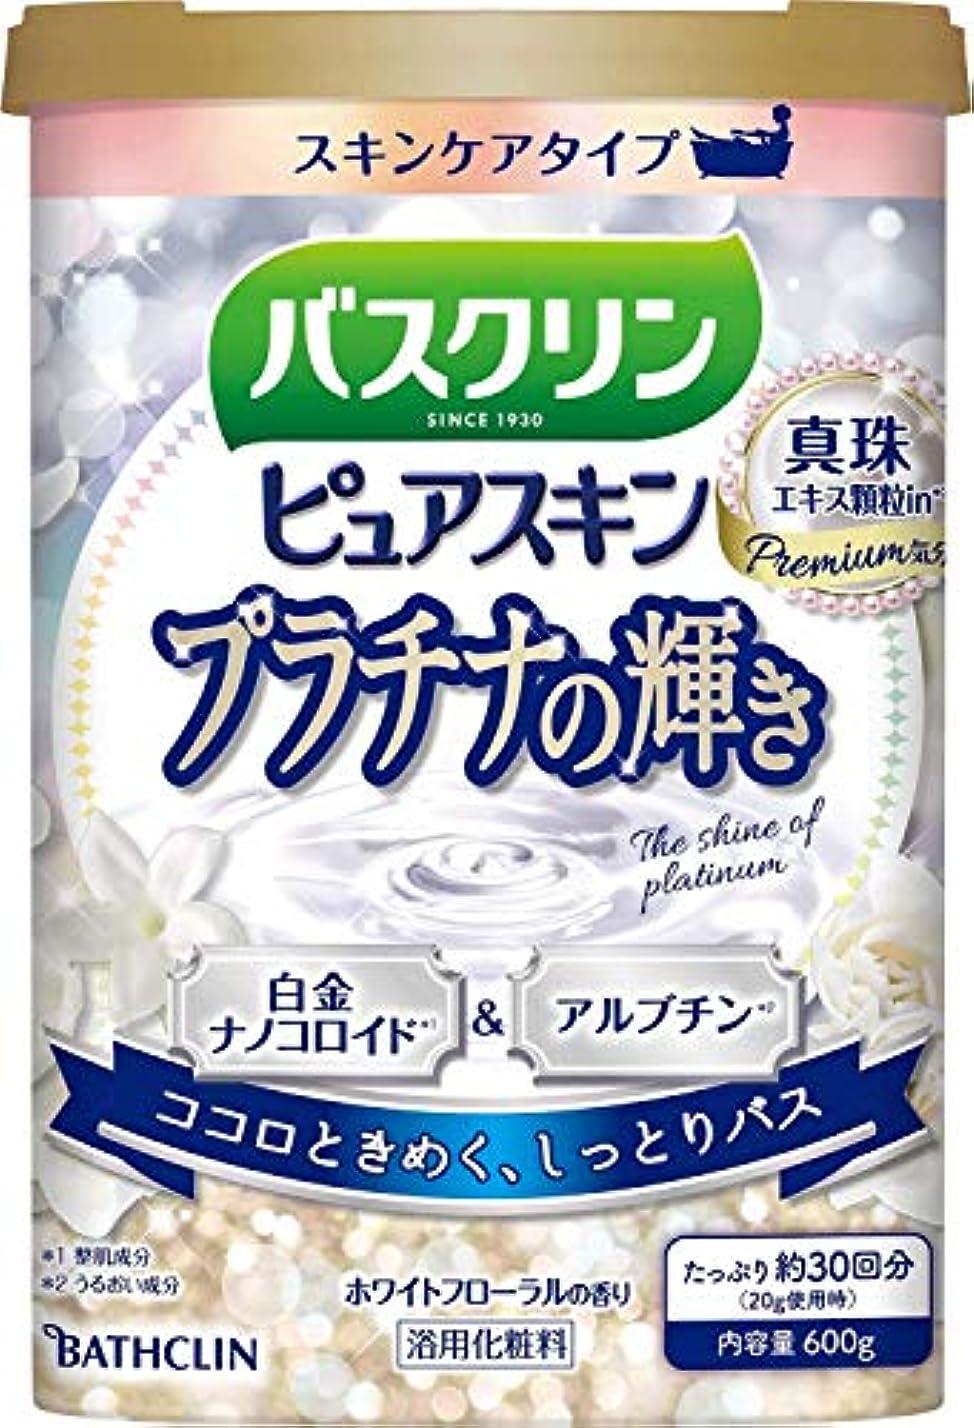 ドル寛容ビリーヤギバスクリンピュアスキンプラチナの輝き600g入浴剤(約30回分)